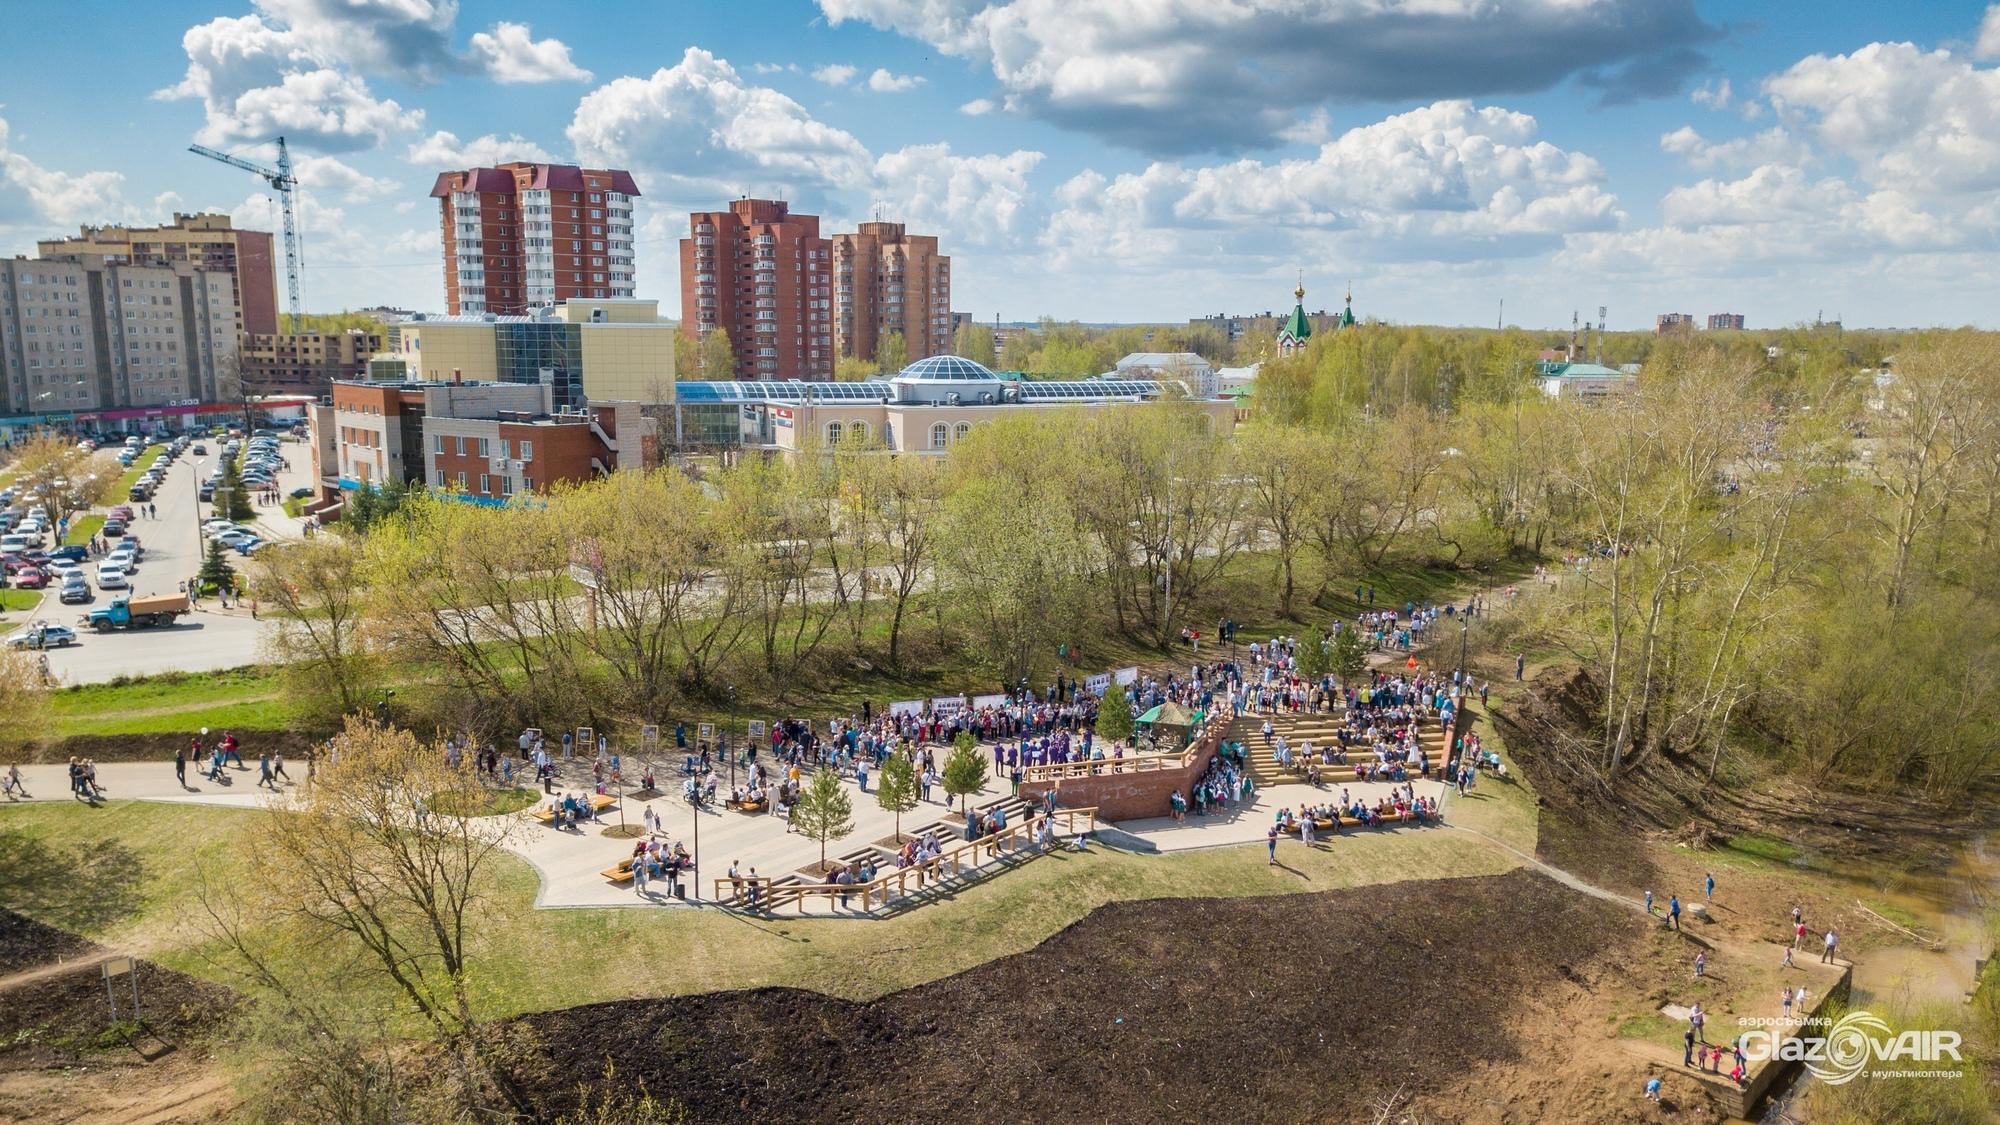 """Jardín de la ciudad de Glazov / Fundación NPO para el Desarrollo Urbano """"Garden City"""" - Plataforma Arquitectura"""